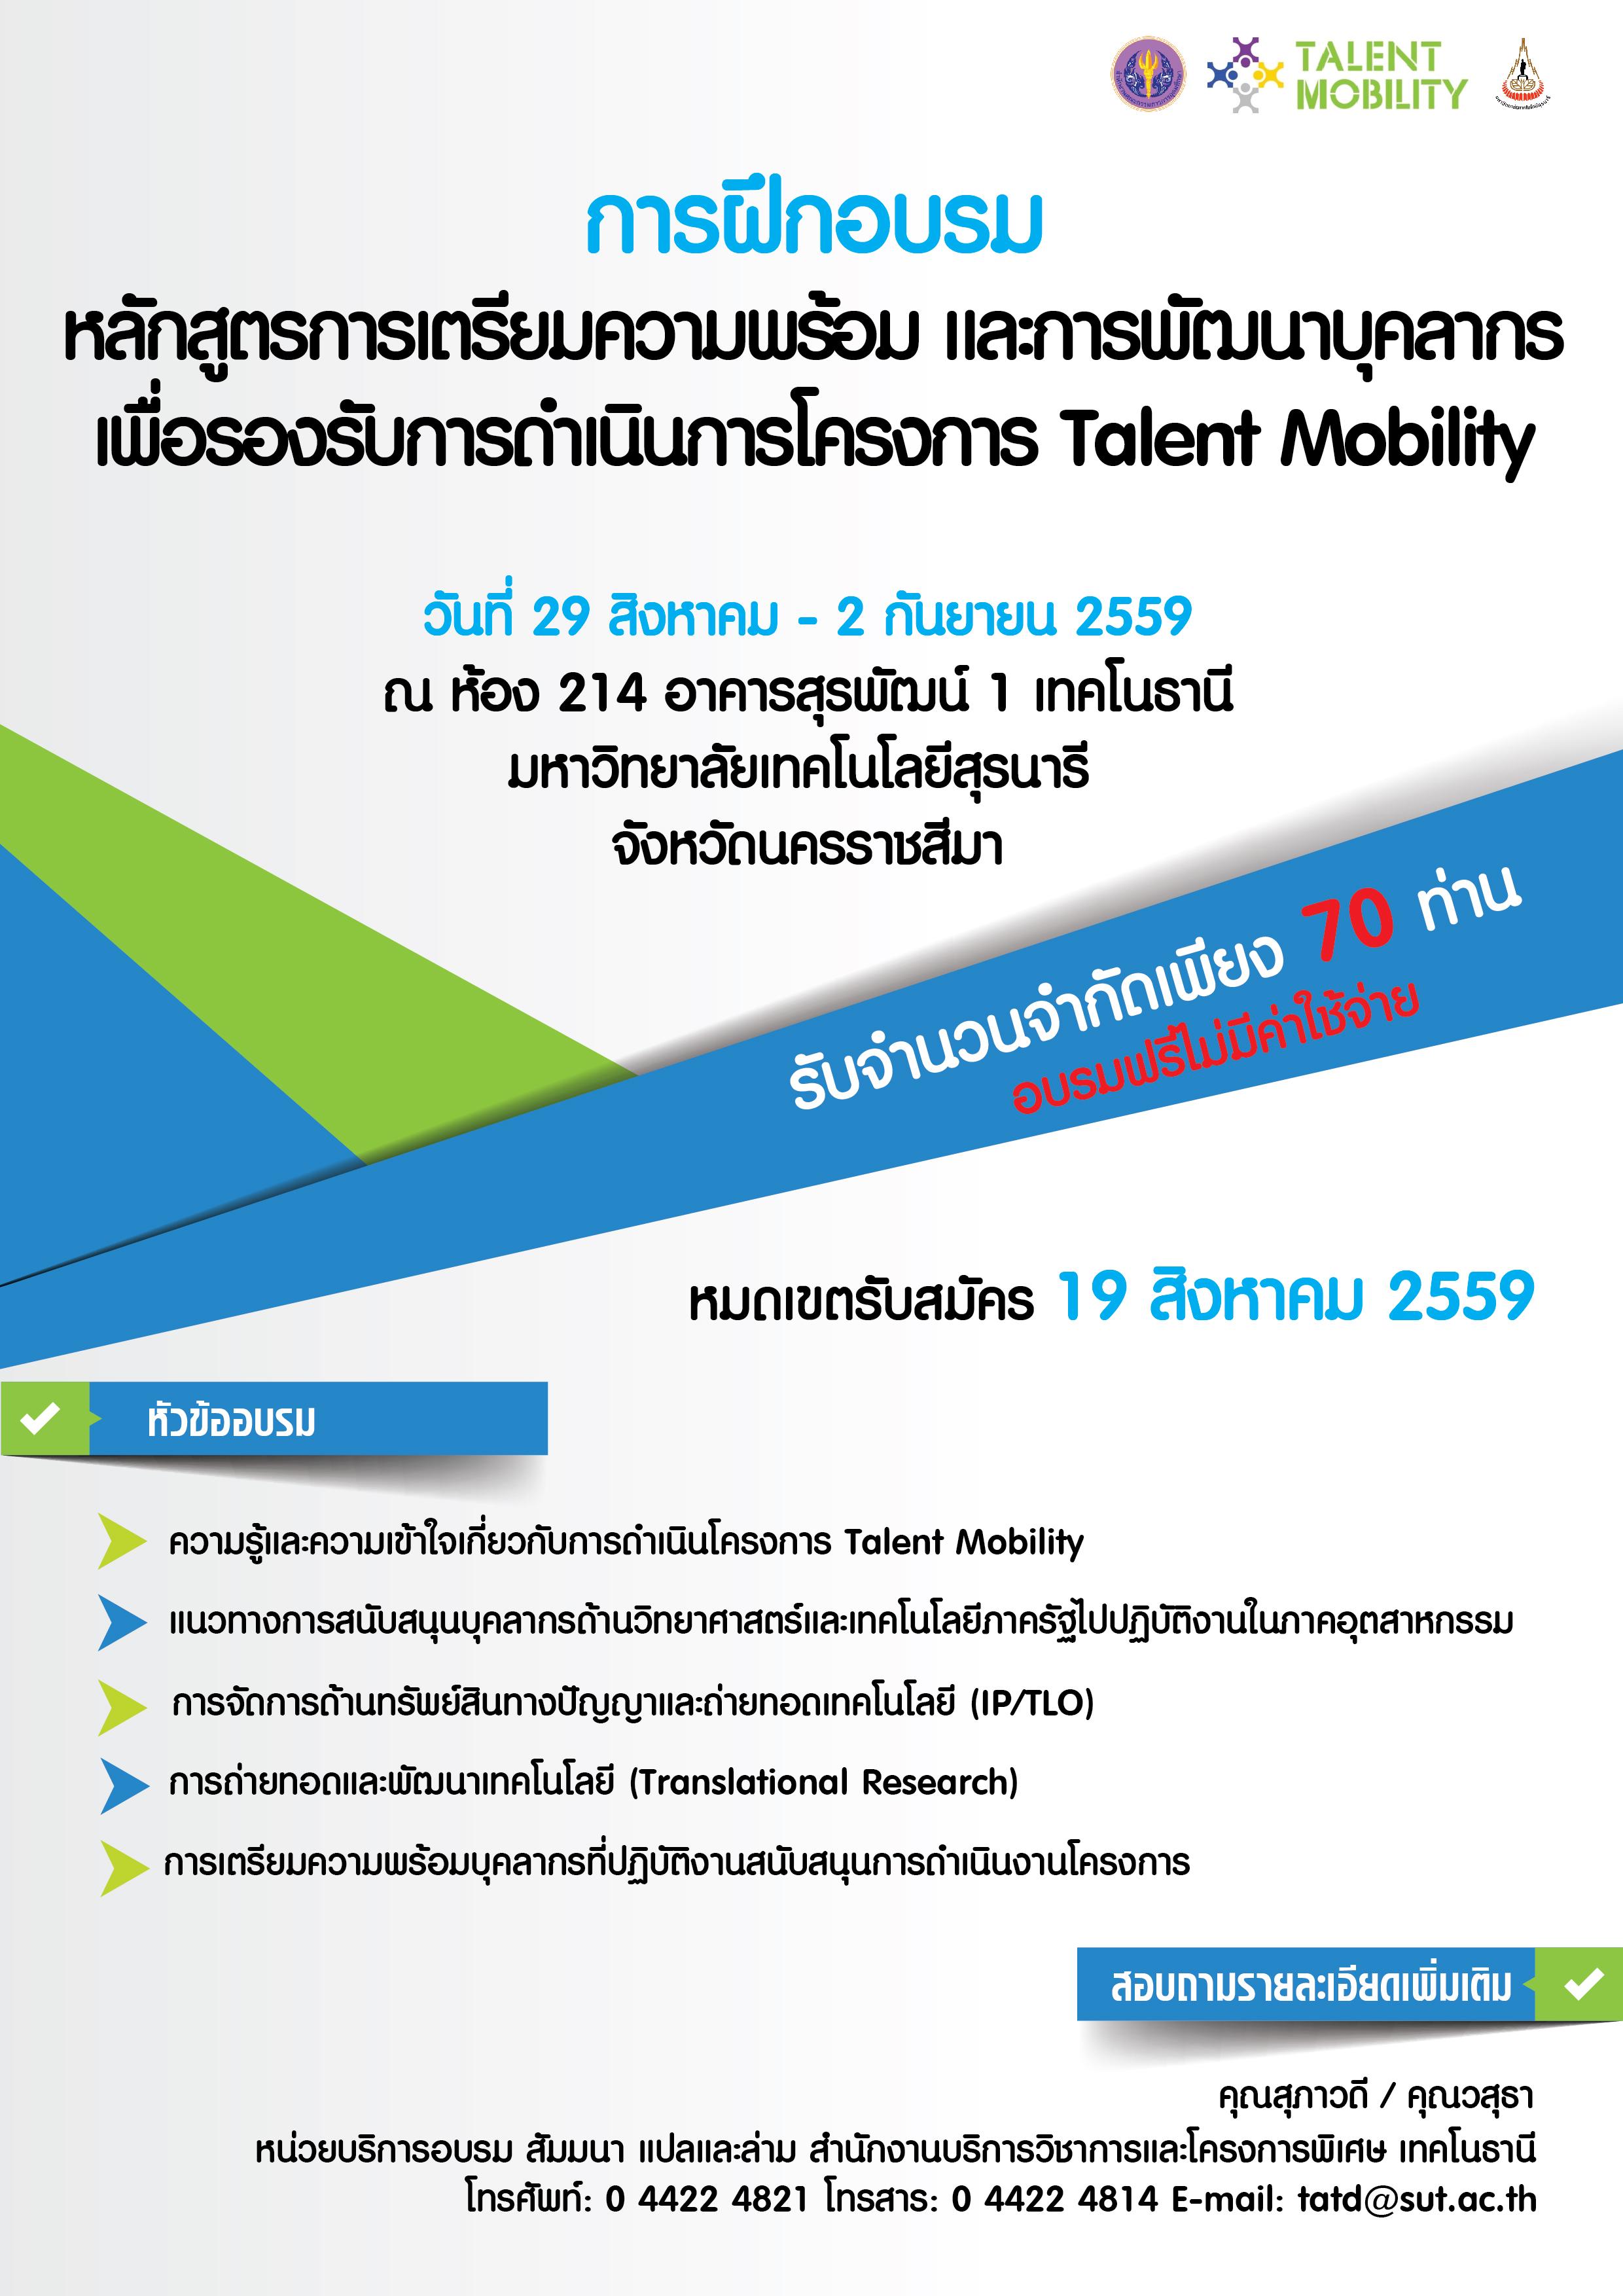 เปิดรับสมัครเข้าร่วมโครงการฝึกอบรมหลักสูตรการเตรียมความพร้อม และการพัฒนาบุคลากร เพื่อรองรับการดำเนินโครงการ Talent Mobility